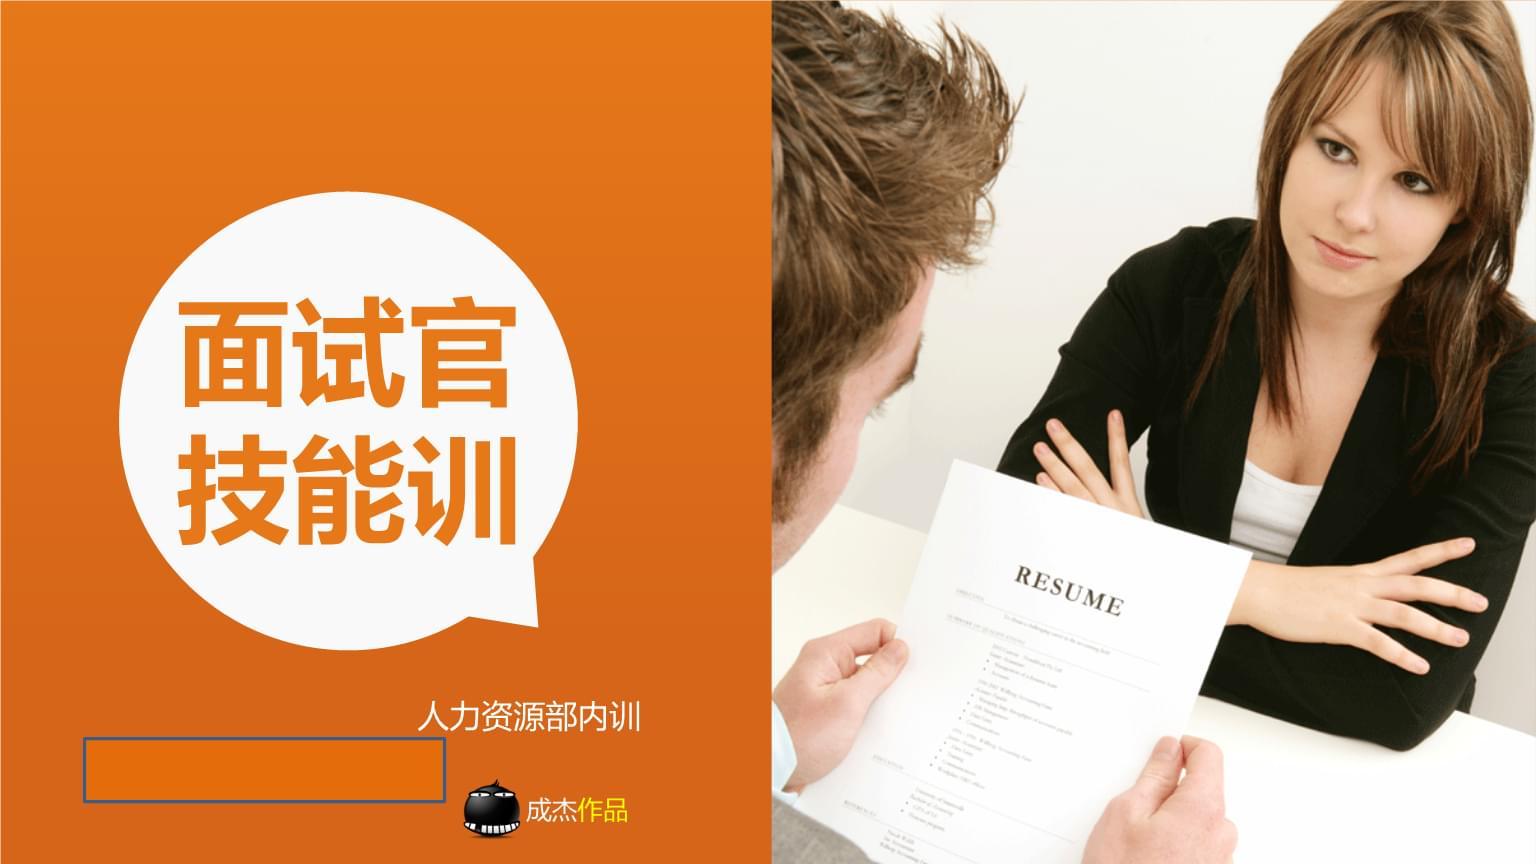 19:面试官技能训.pptx